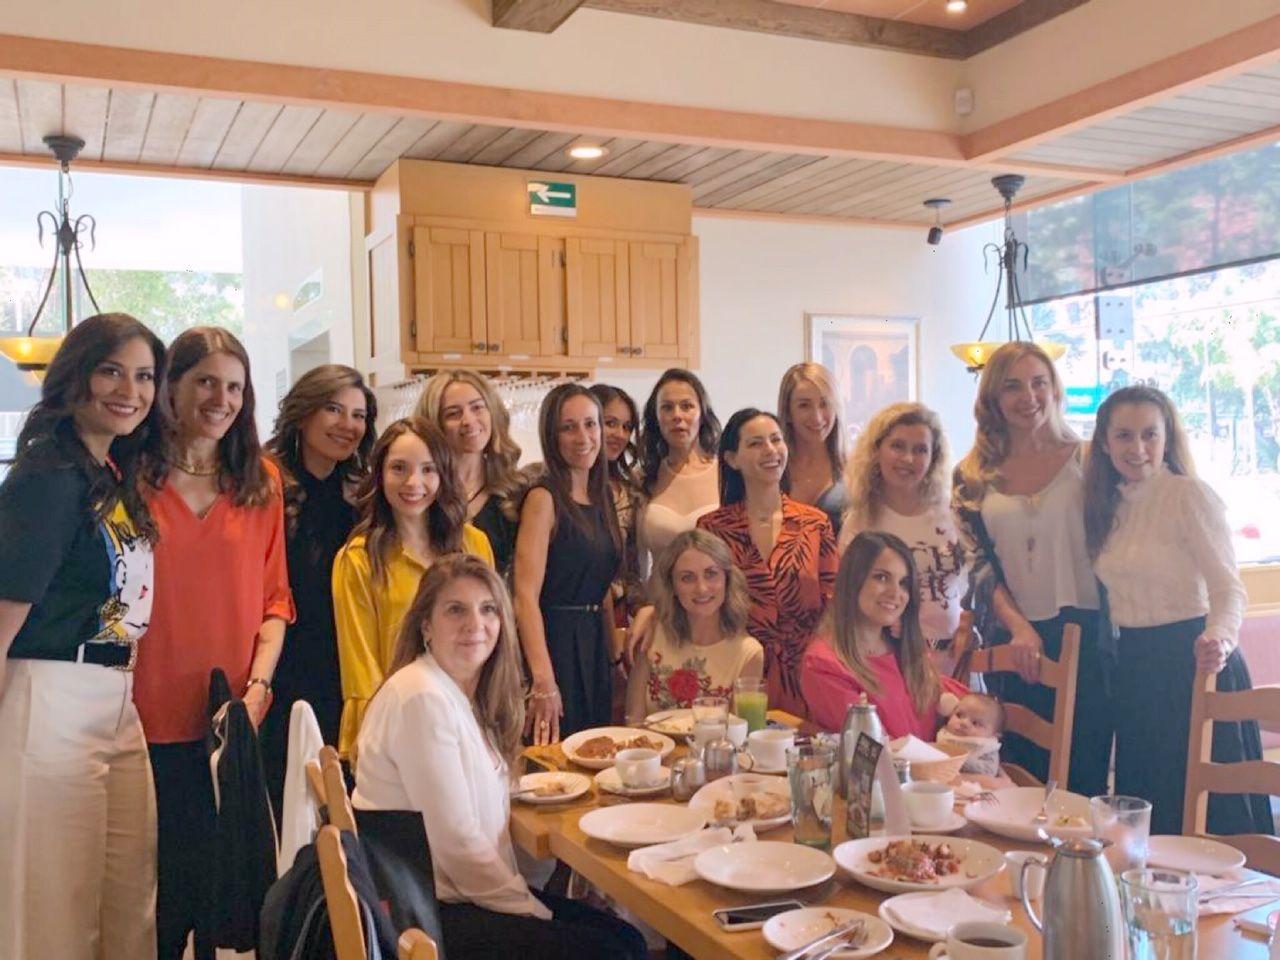 Olive Garden lanza sus nuevos desayunos italianos y lo celebra con un grupo de grandiosas mujeres